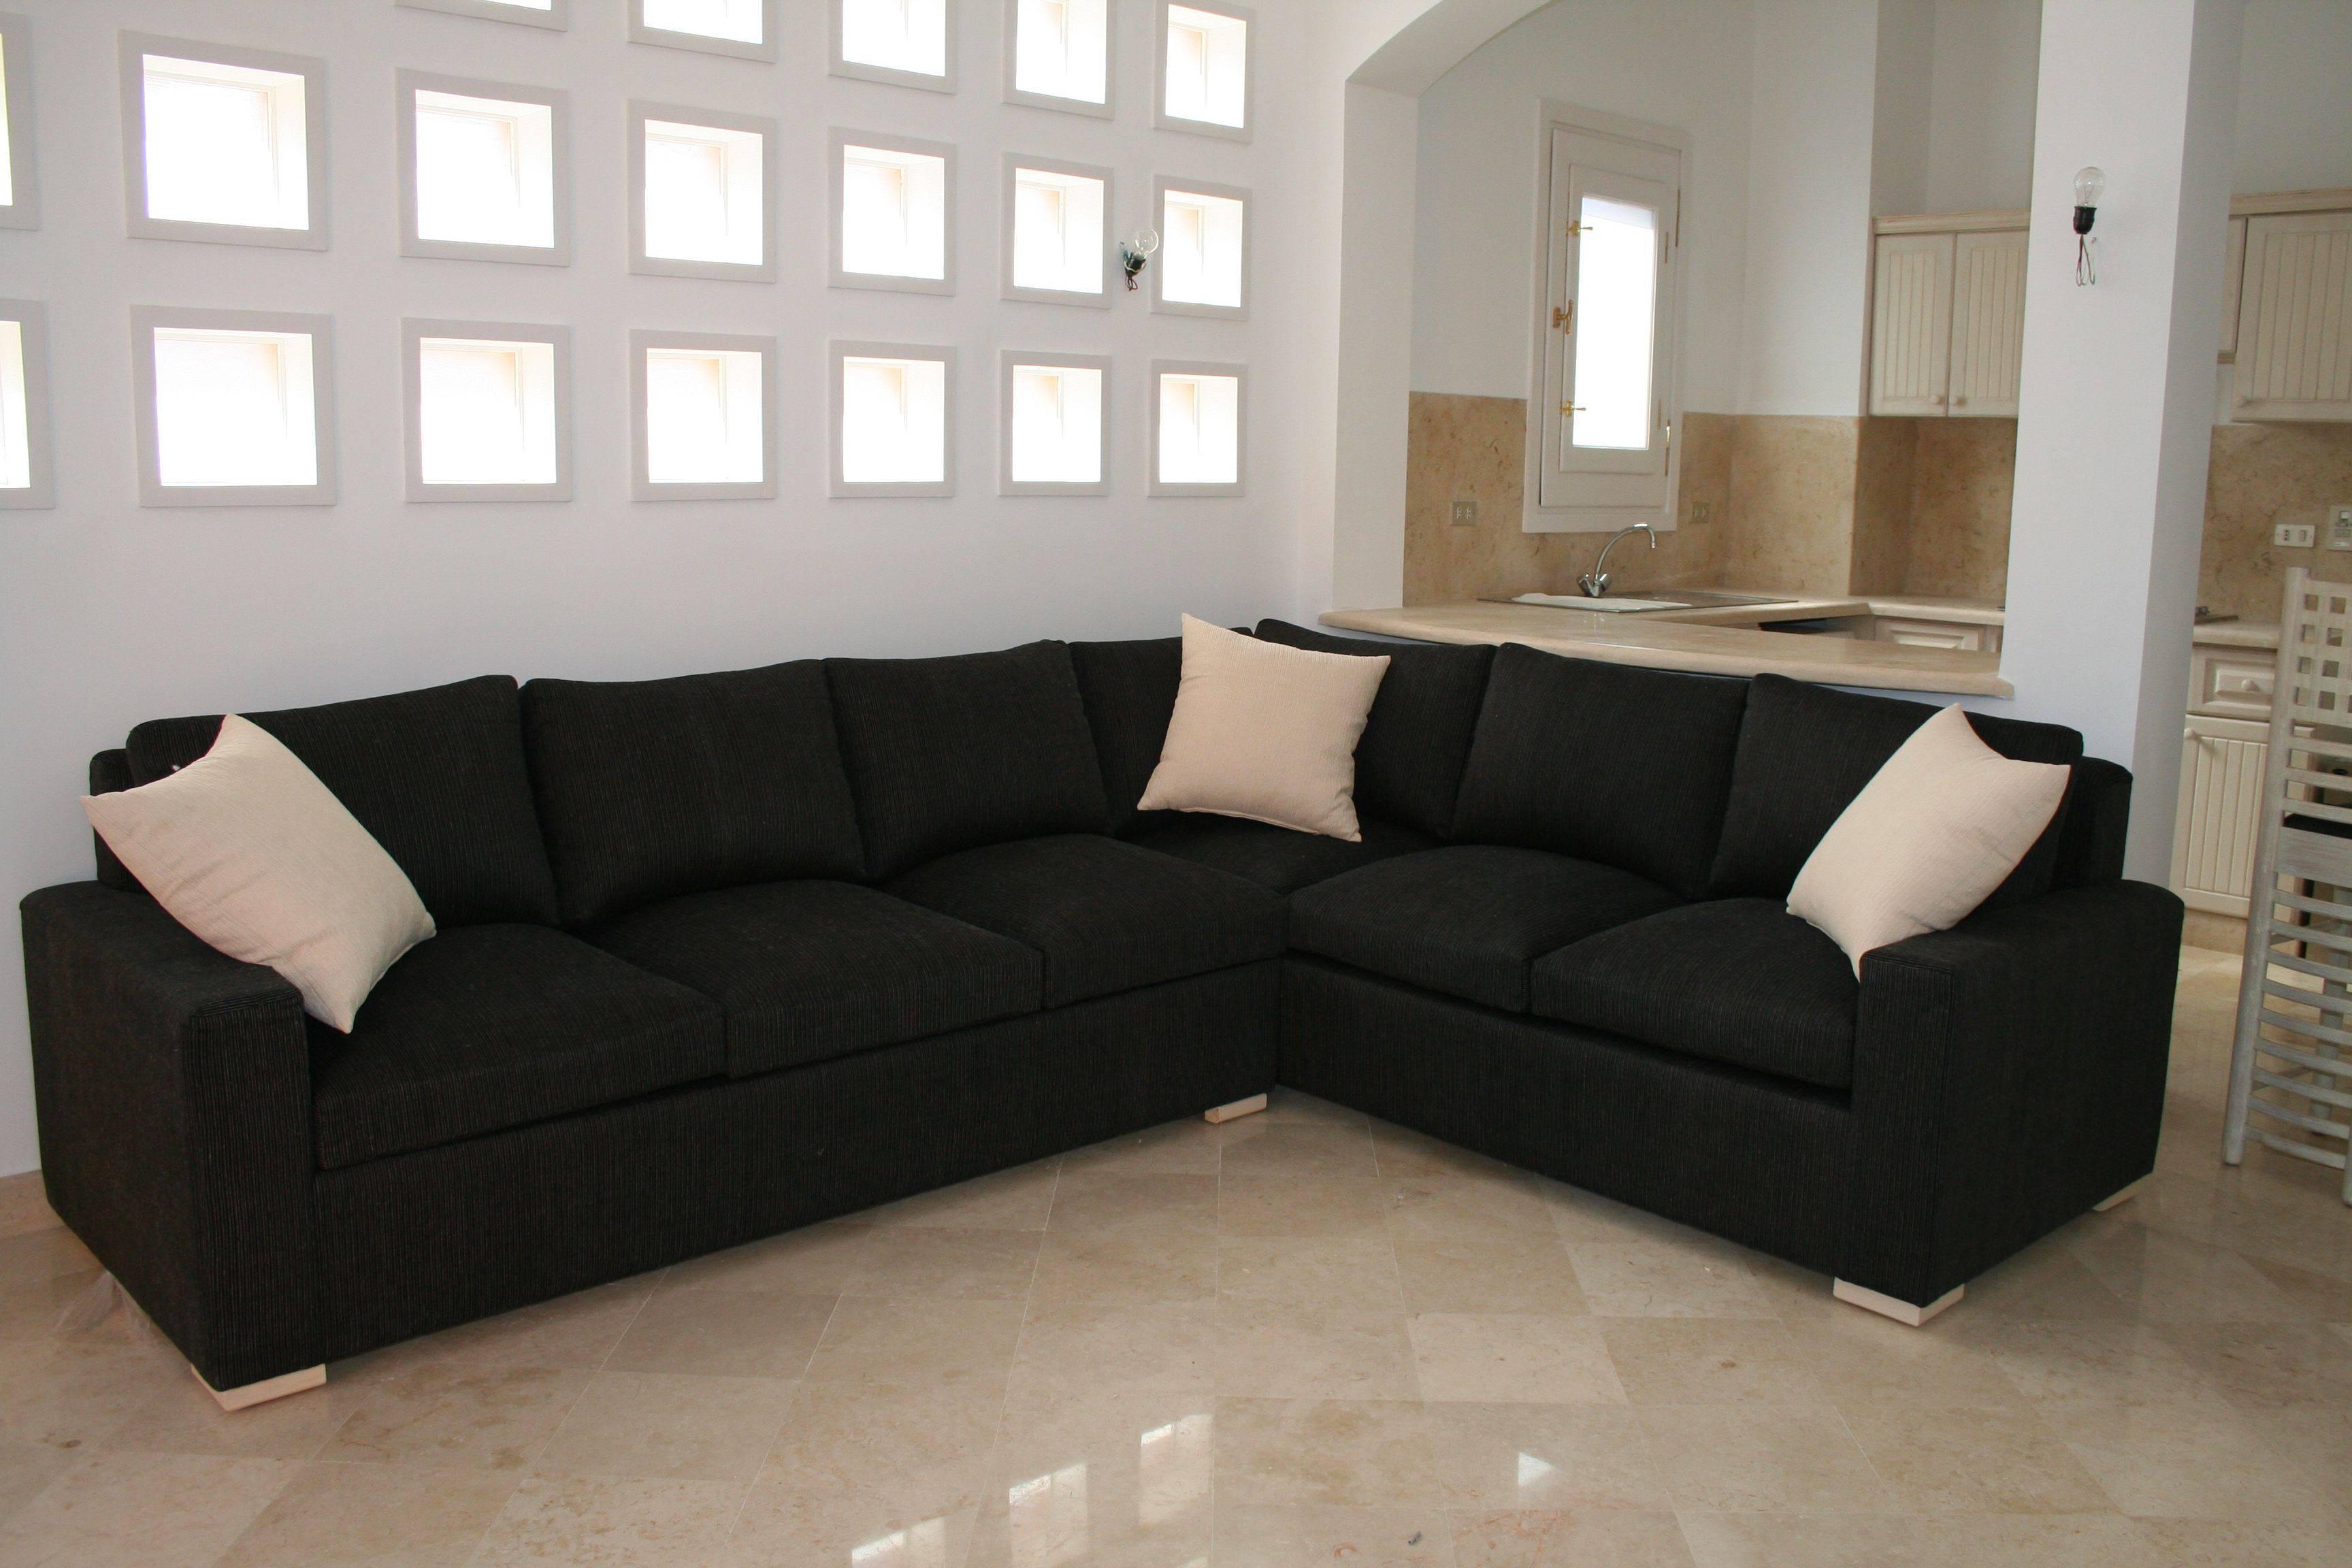 Sofa : Modern Sofas Houston Interior Design For Home Remodeling With Regard To Modern Sofas Houston (View 2 of 30)